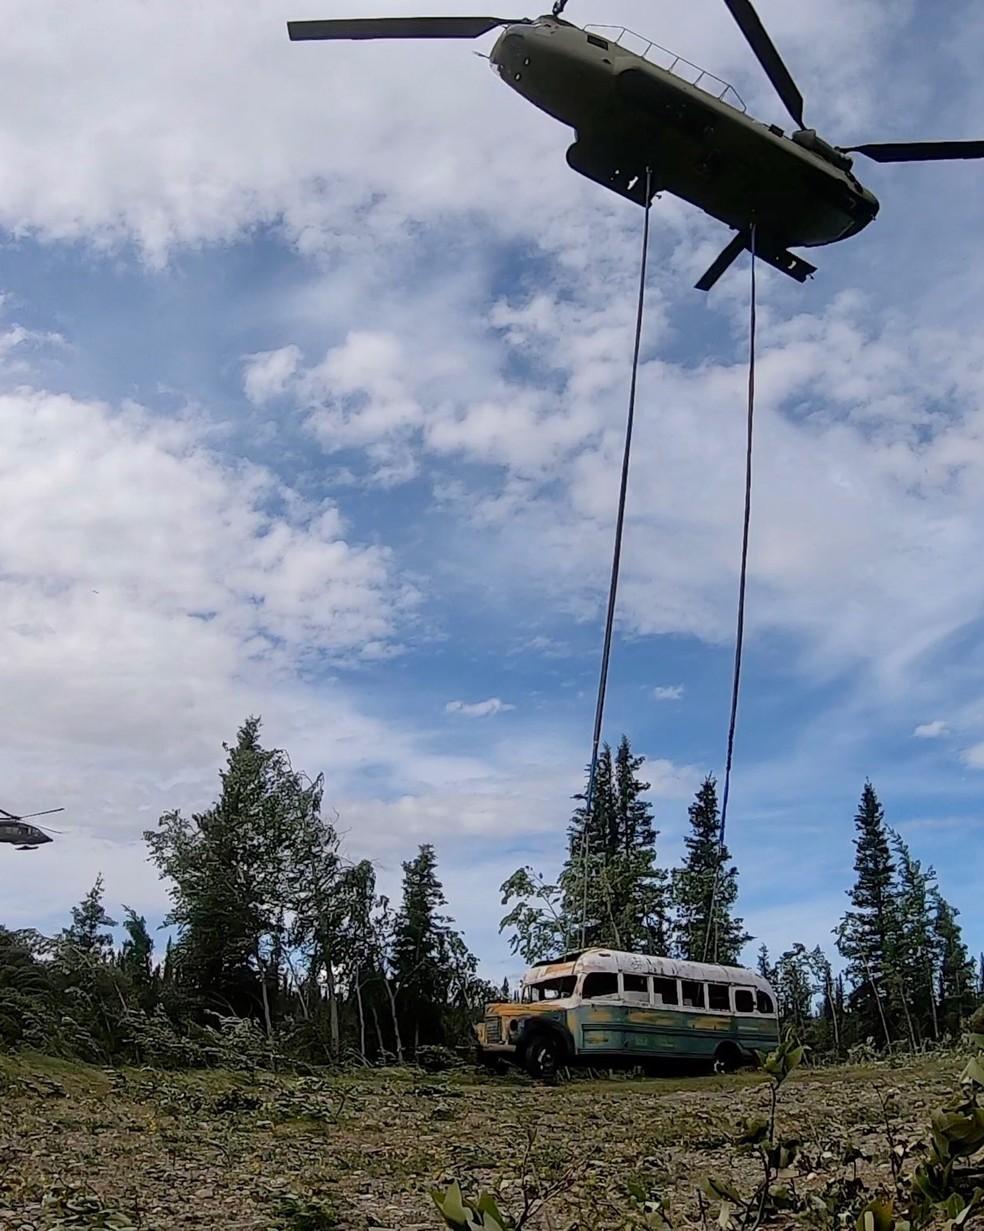 Helicóptero levanta ônibus que ficou famoso no livro e no filme 'Na natureza selvagem' sobre o Parque Nacional de Denali, no Alasca — Foto: Seth Lacount/Guarda Nacional do Exército do Alasca/AFP